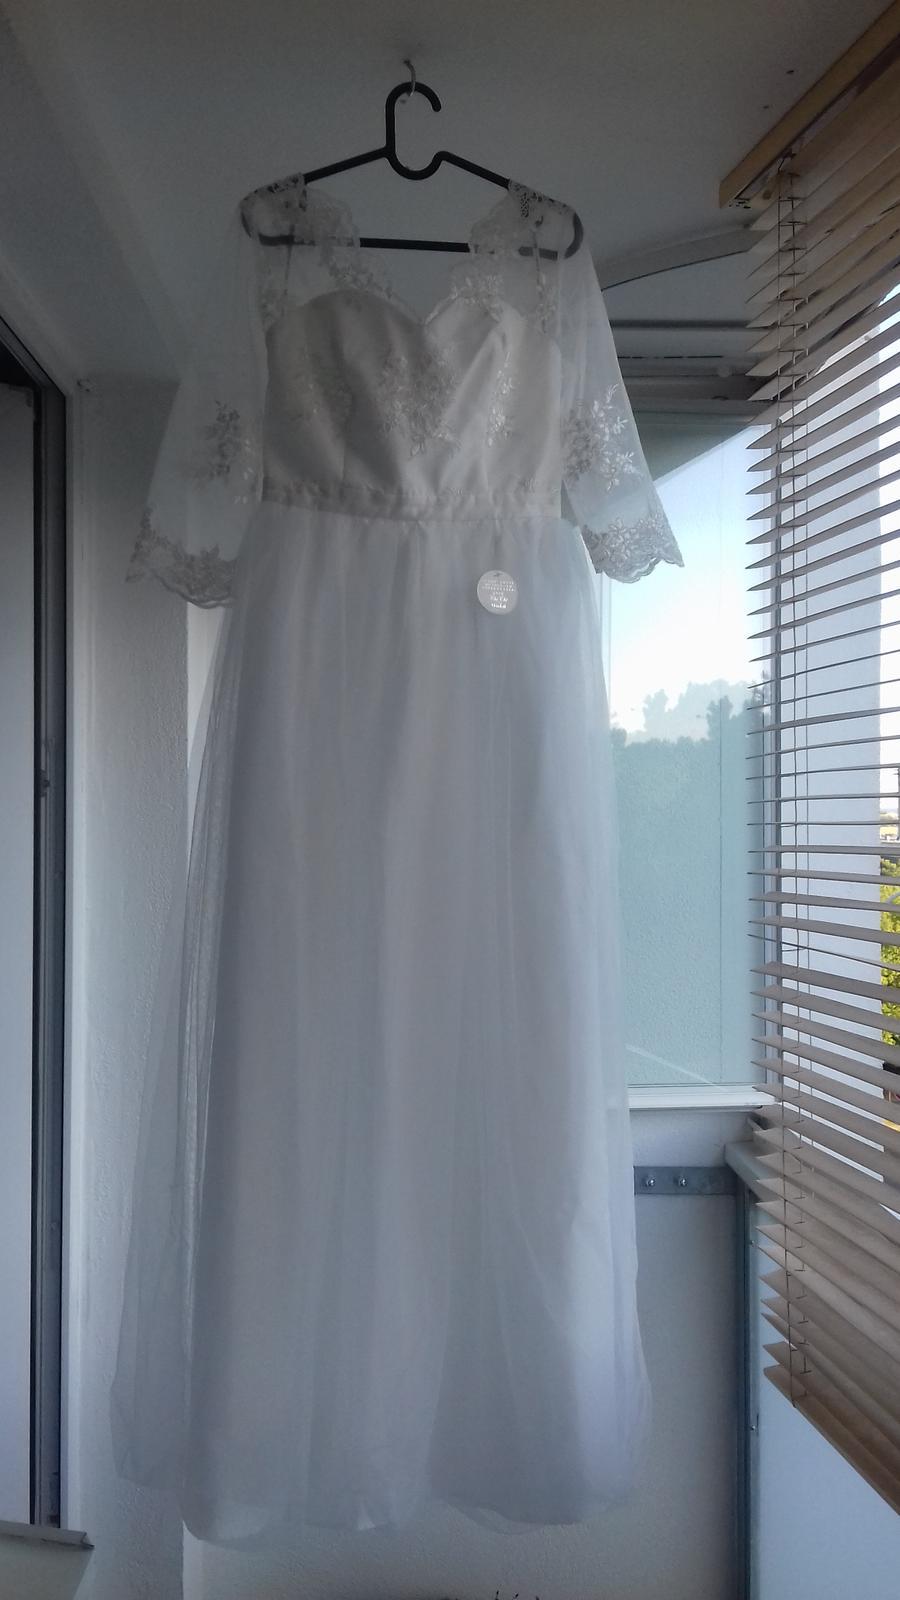 Jednoduché svatební šaty - značka Chi Chi London - Obrázek č. 1